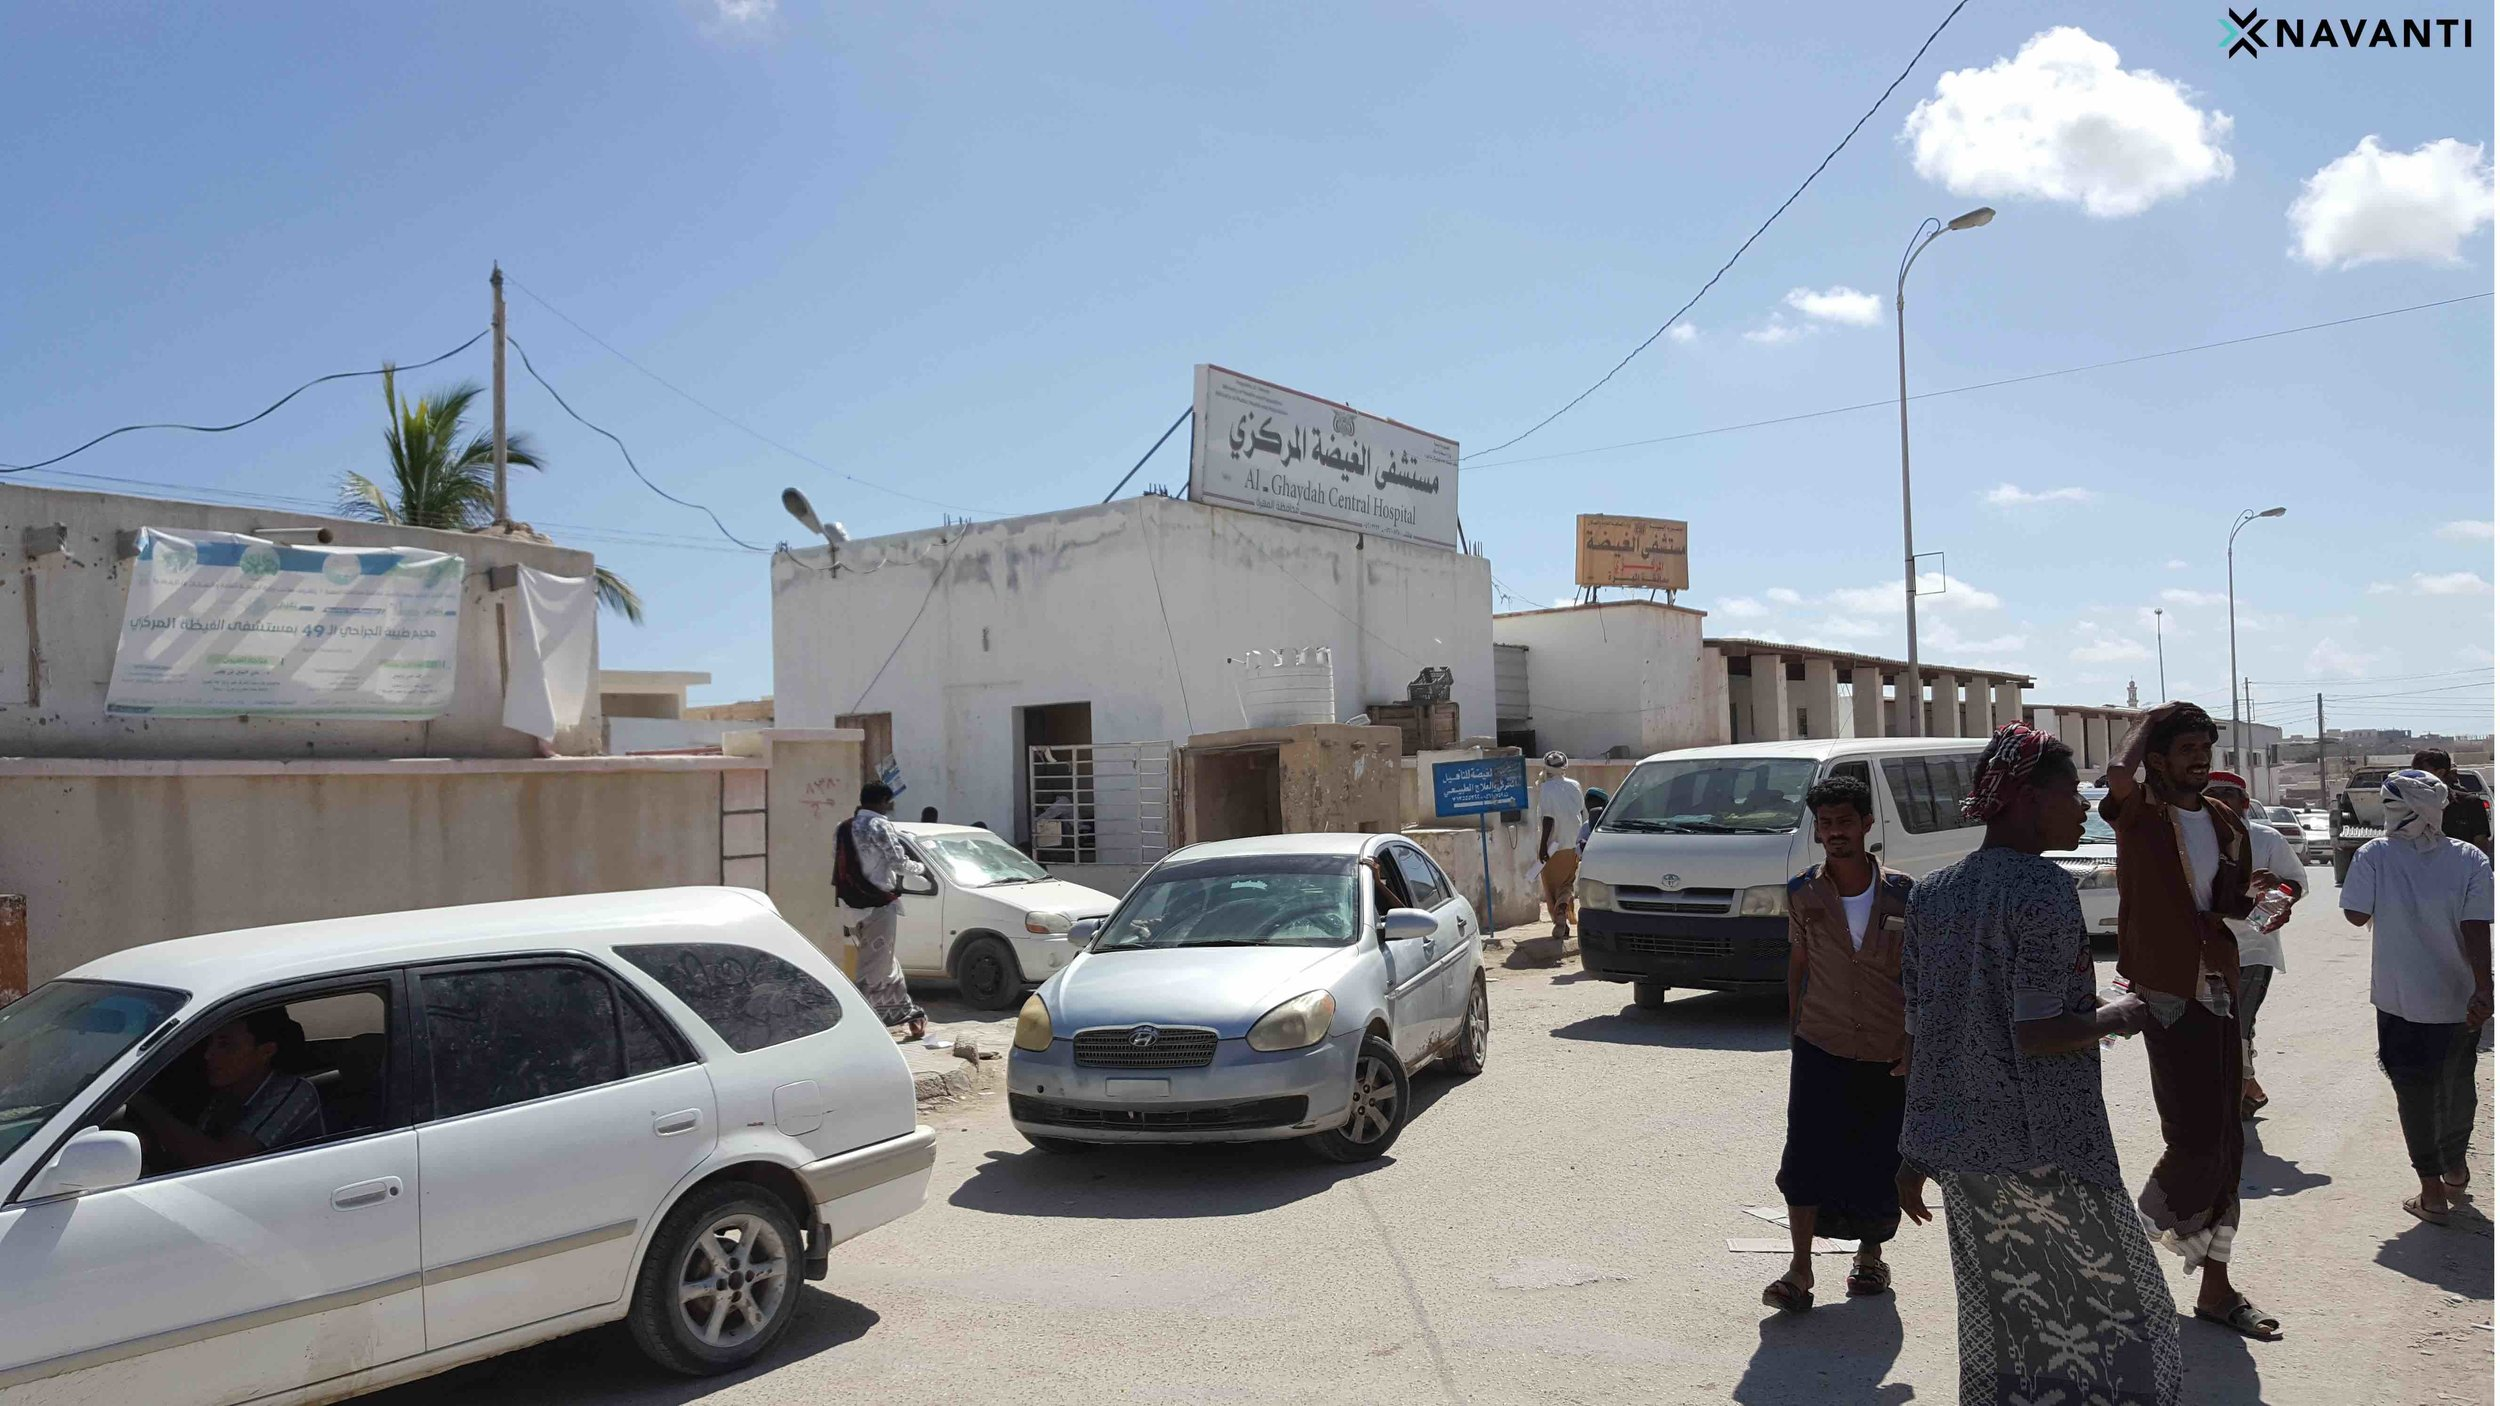 Street scene in al-Ghayda, capital of al-Mahra governorate. Source: Navanti